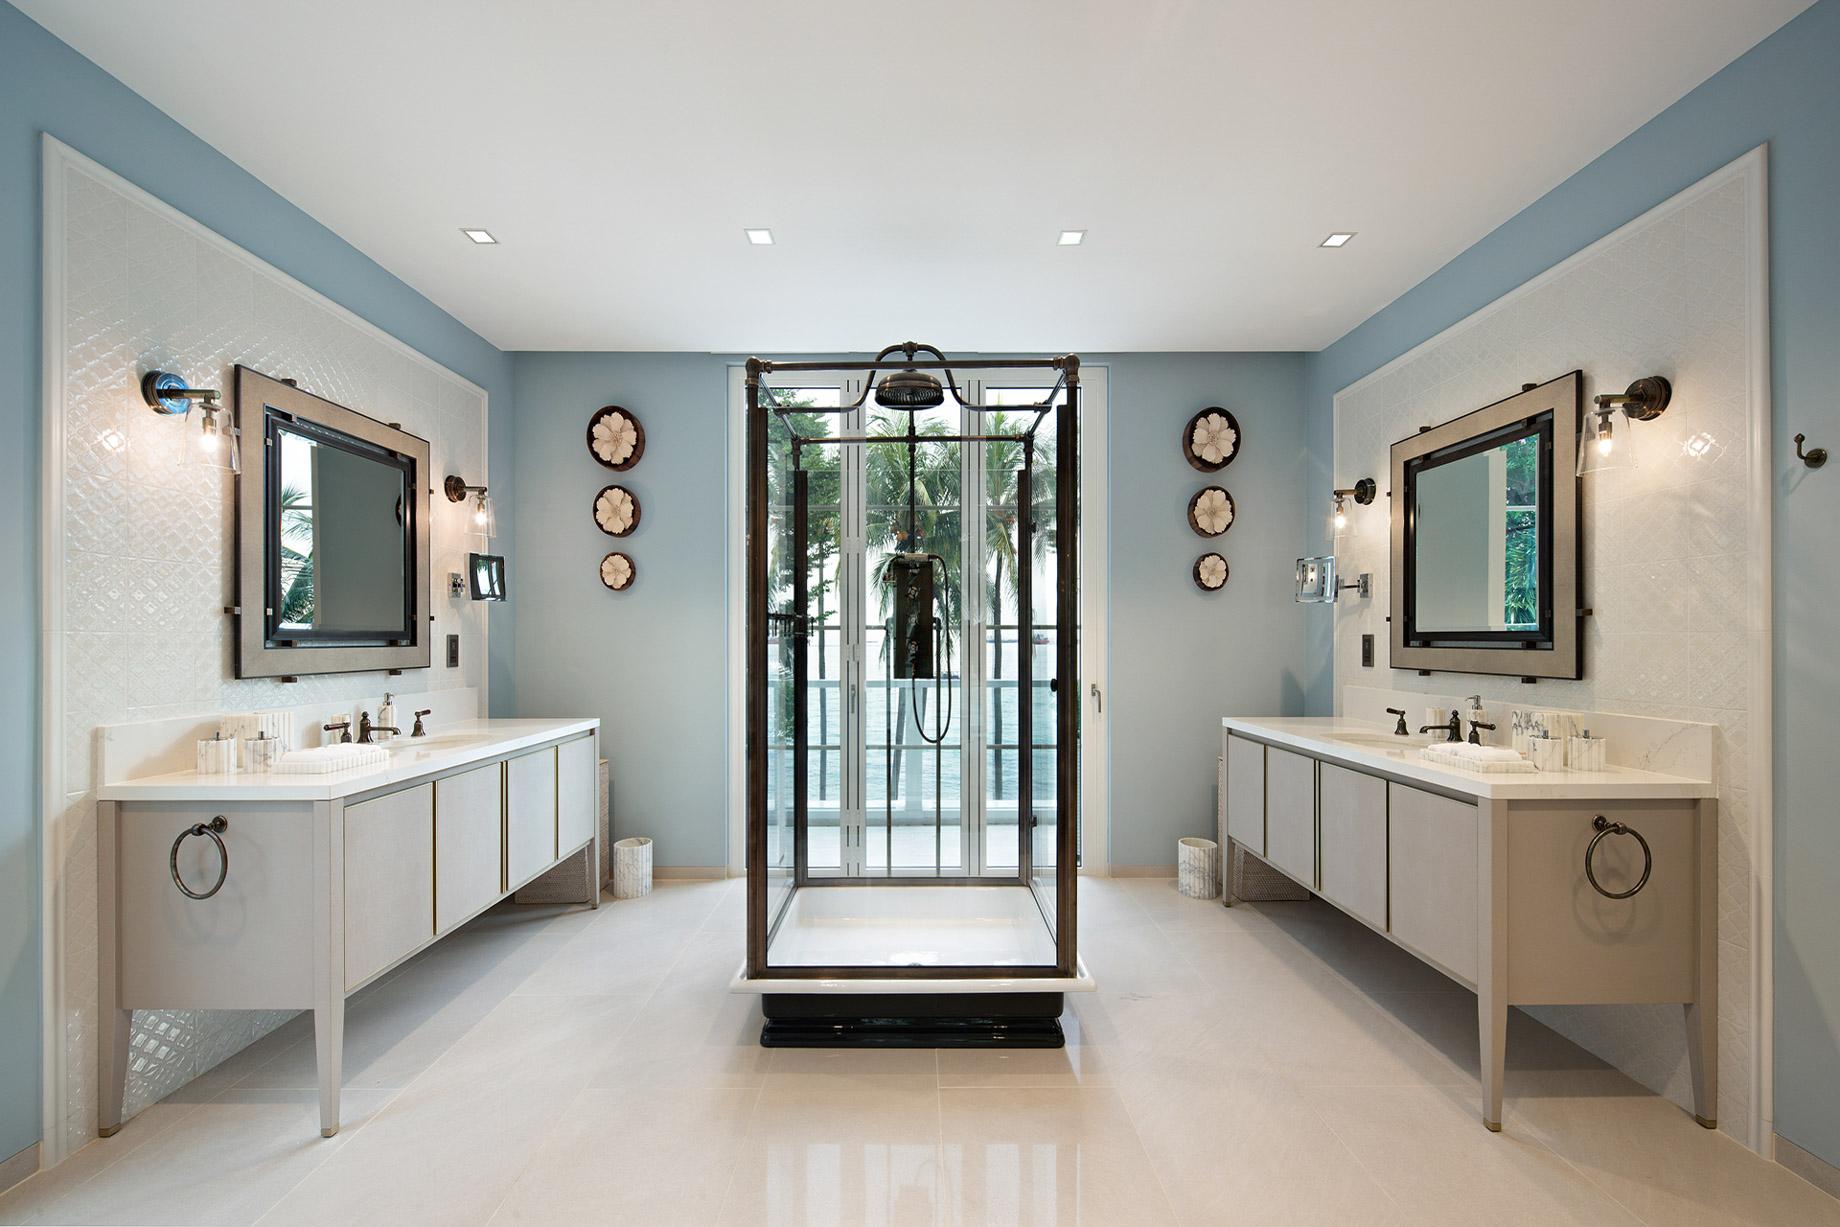 Luxury Villa Bathroom - Indonesia